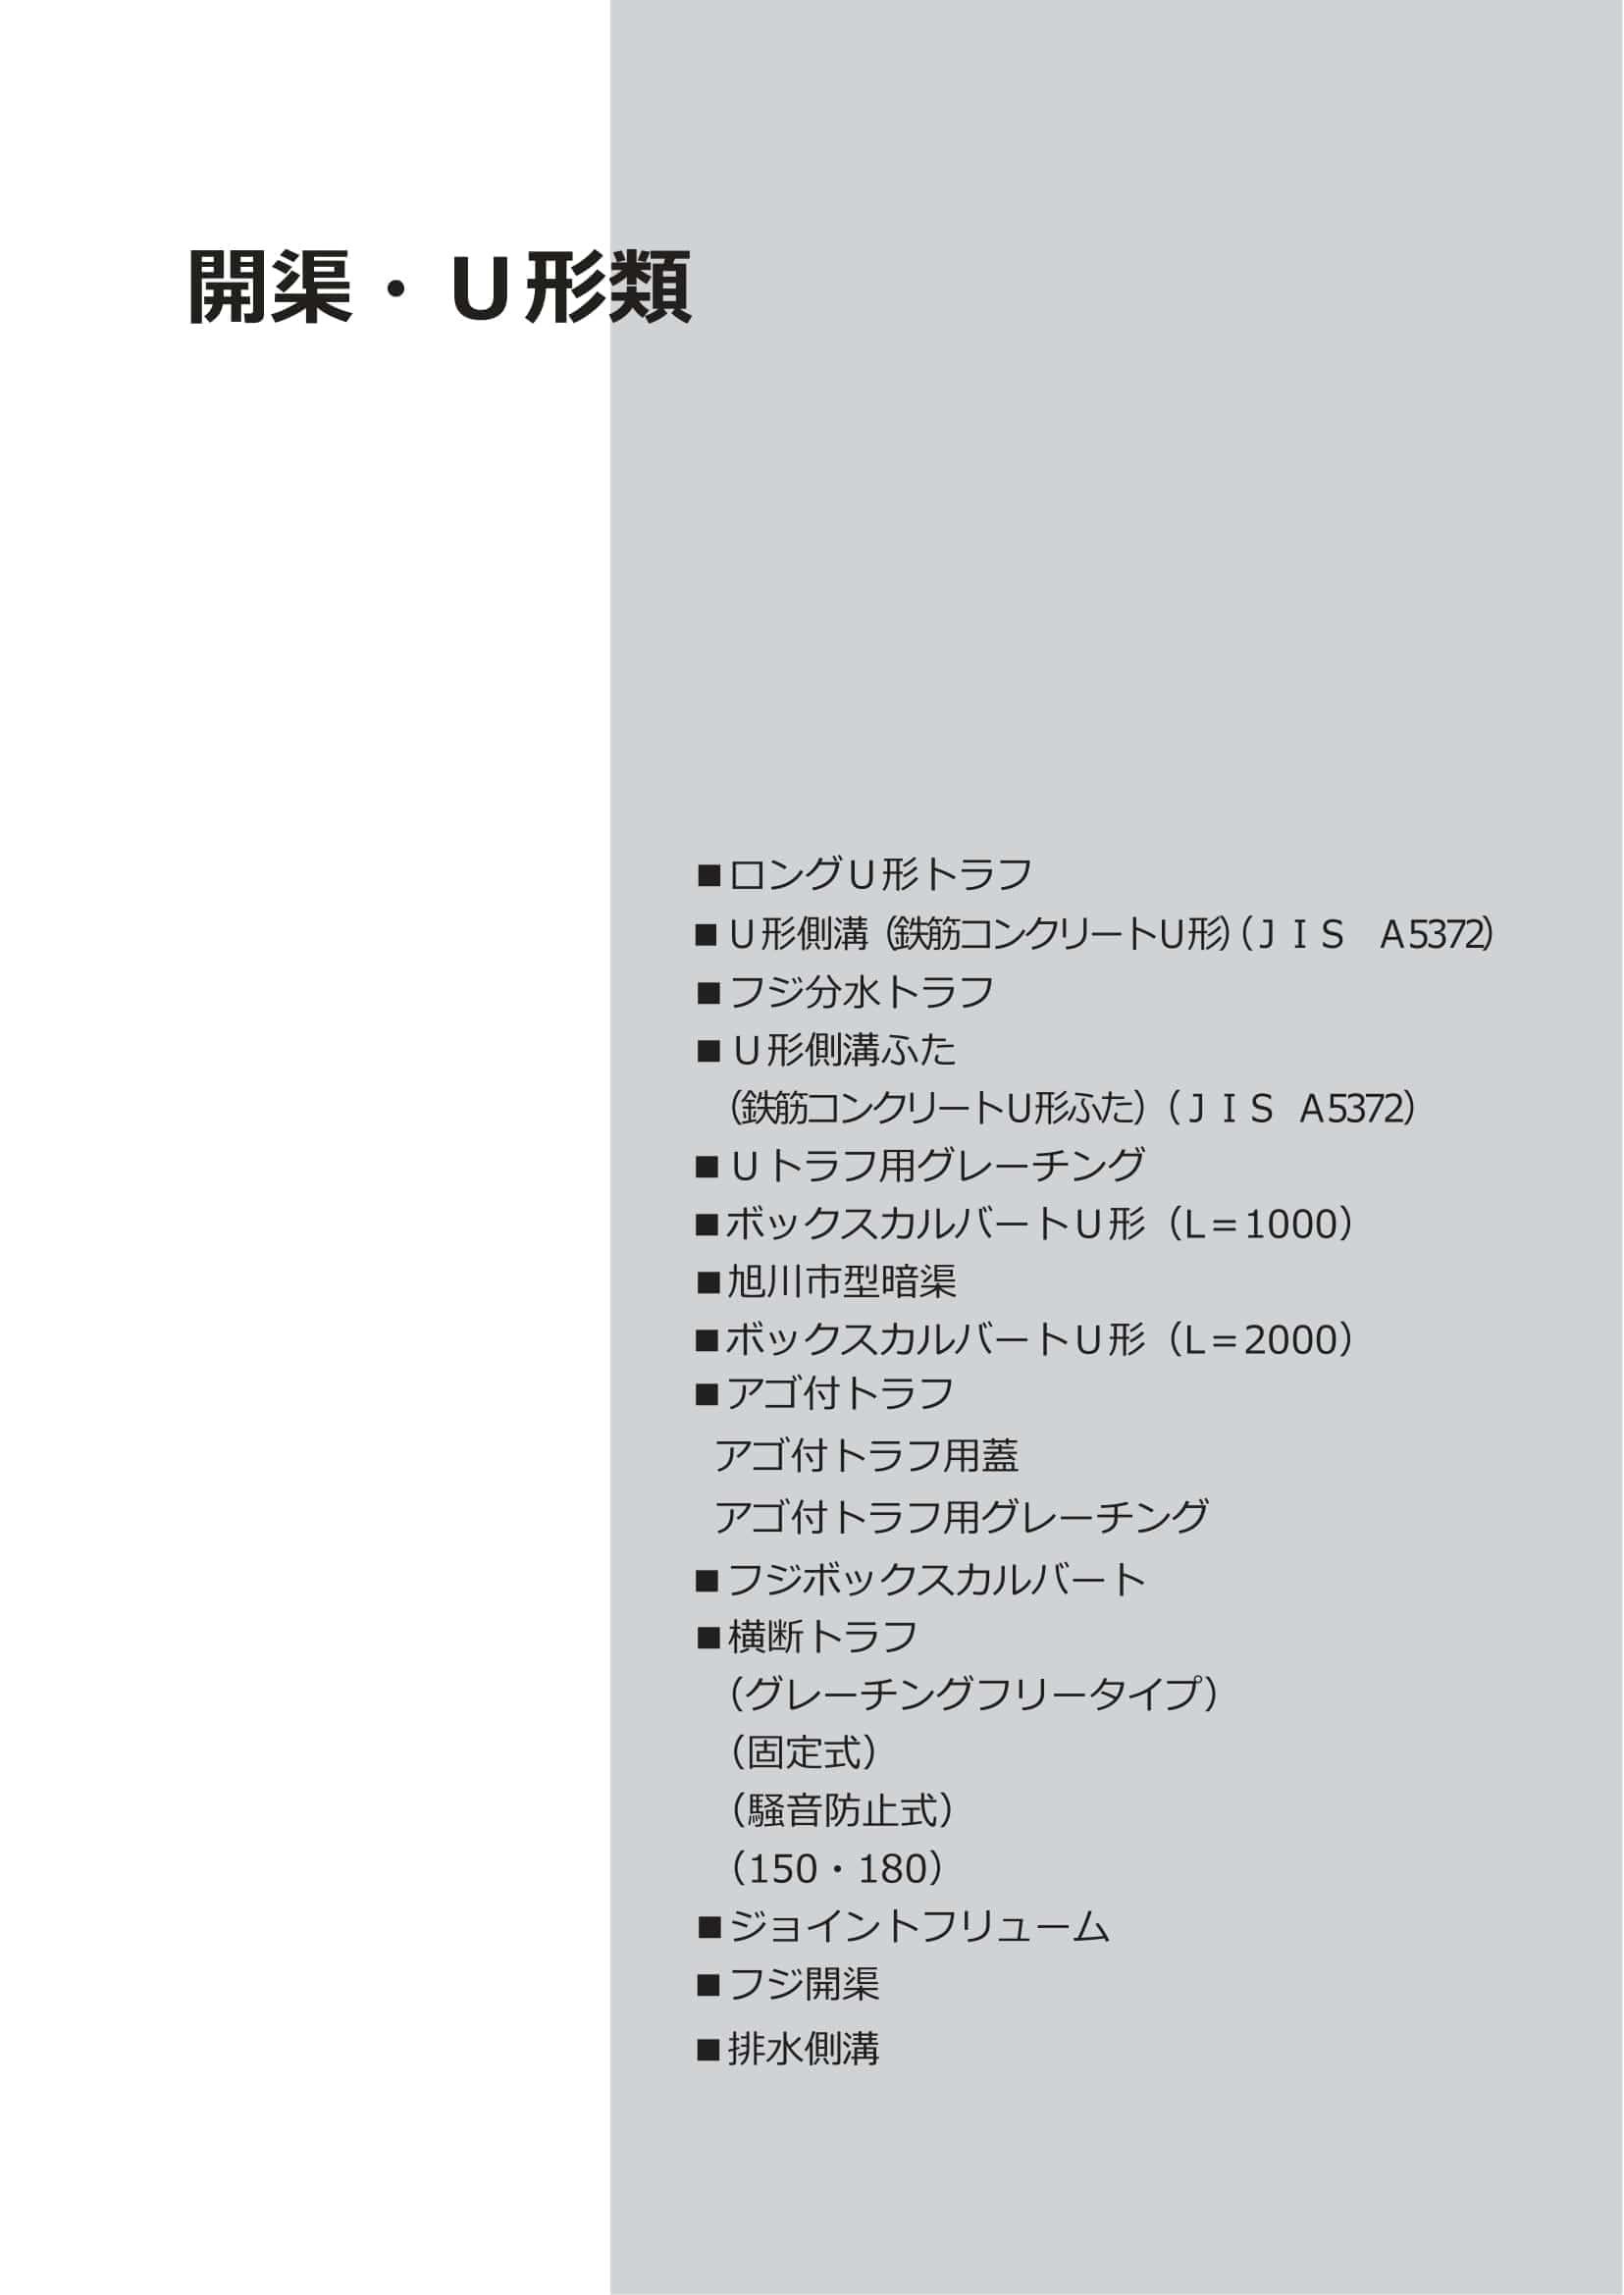 富士コンクリート/開渠・U形類WEBカタログ